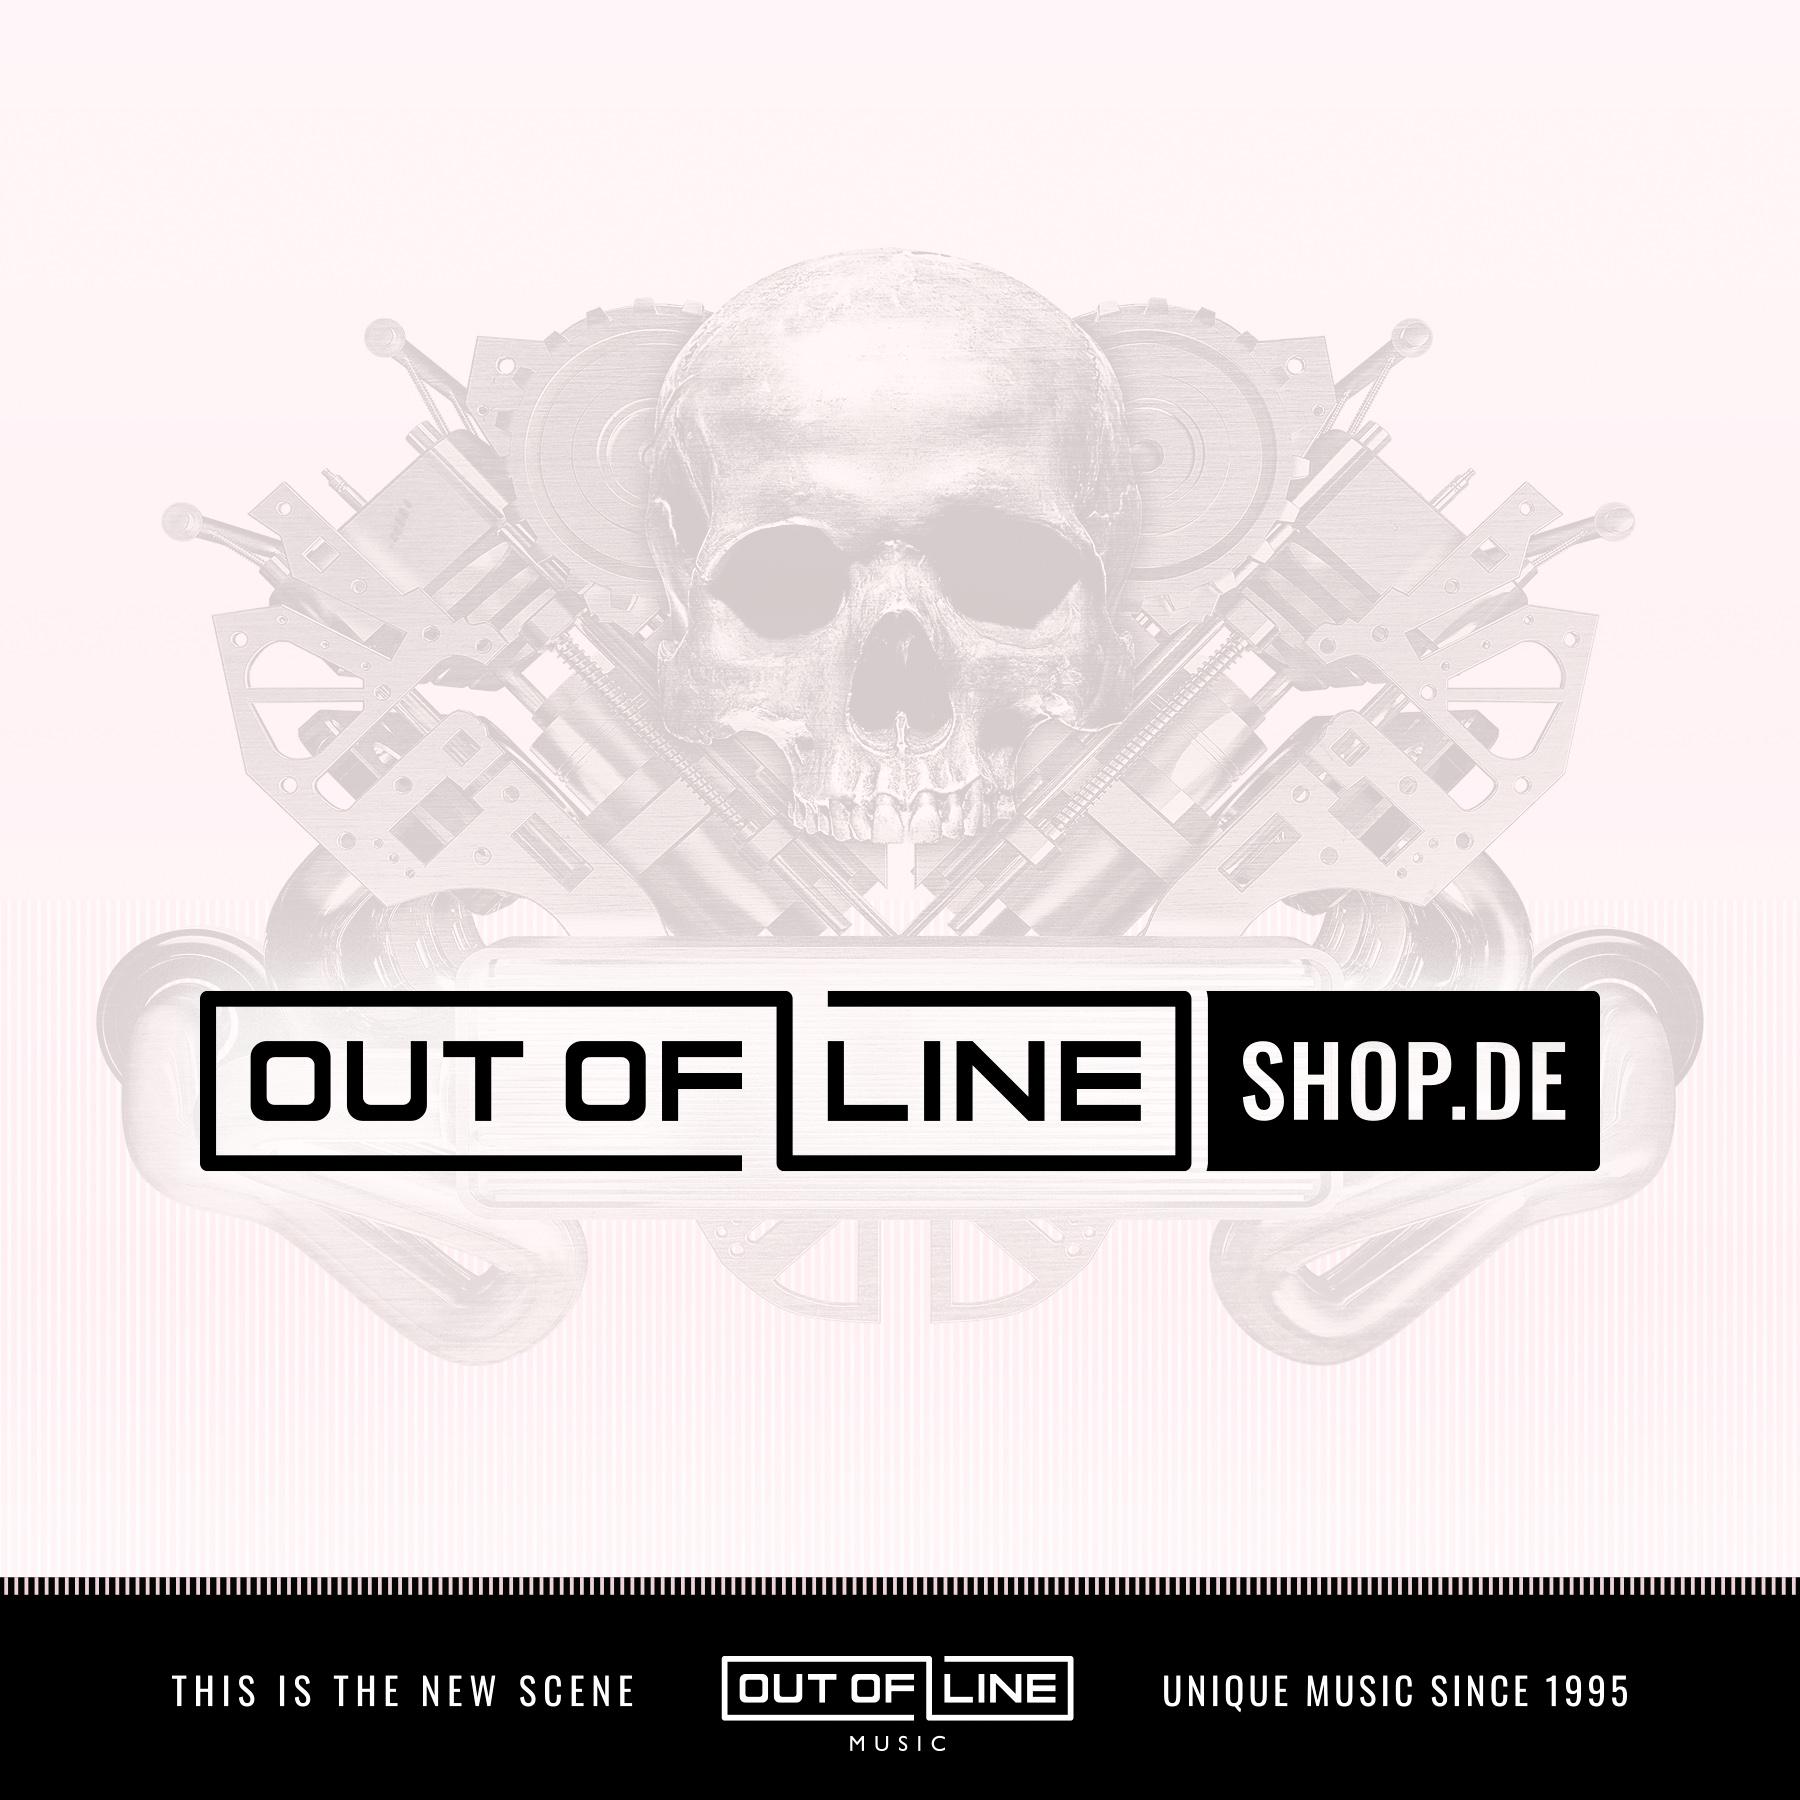 Einstürzende Neubauten - Grundstück (Limited Edition) - LP+DVD